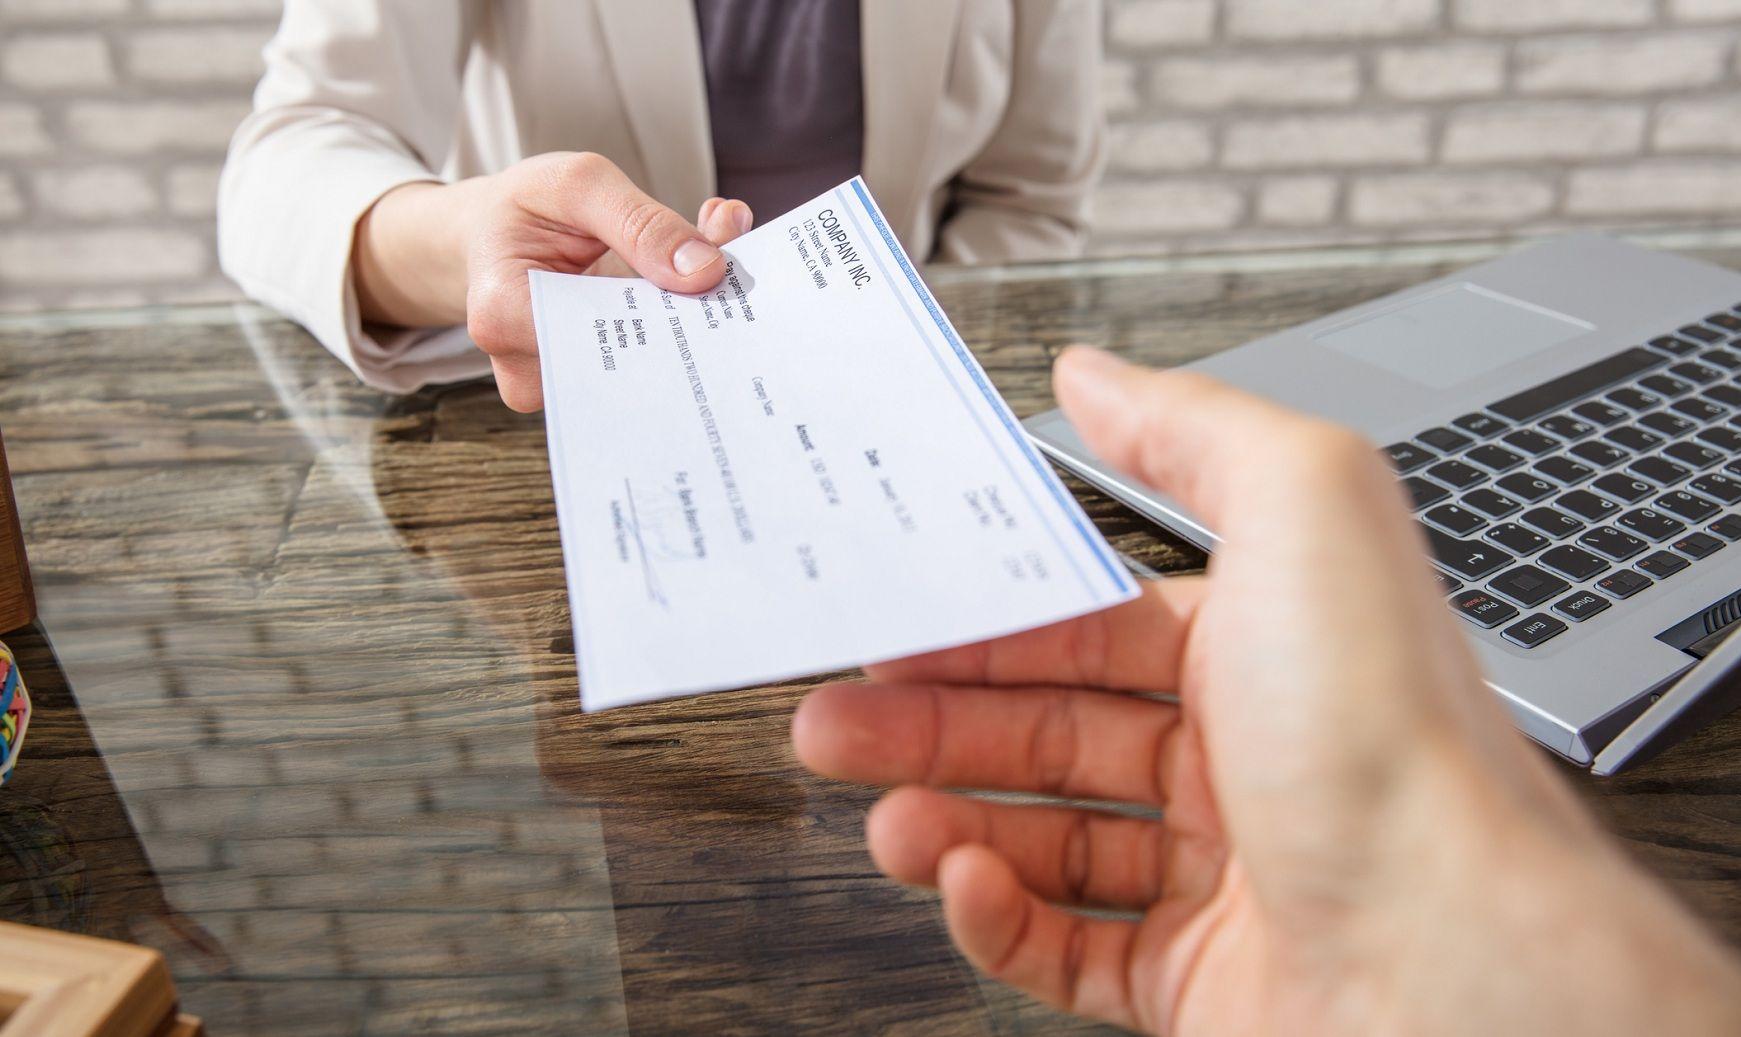 Deudas que colombianos no podrían pagar: Microcréditos y préstamos personales